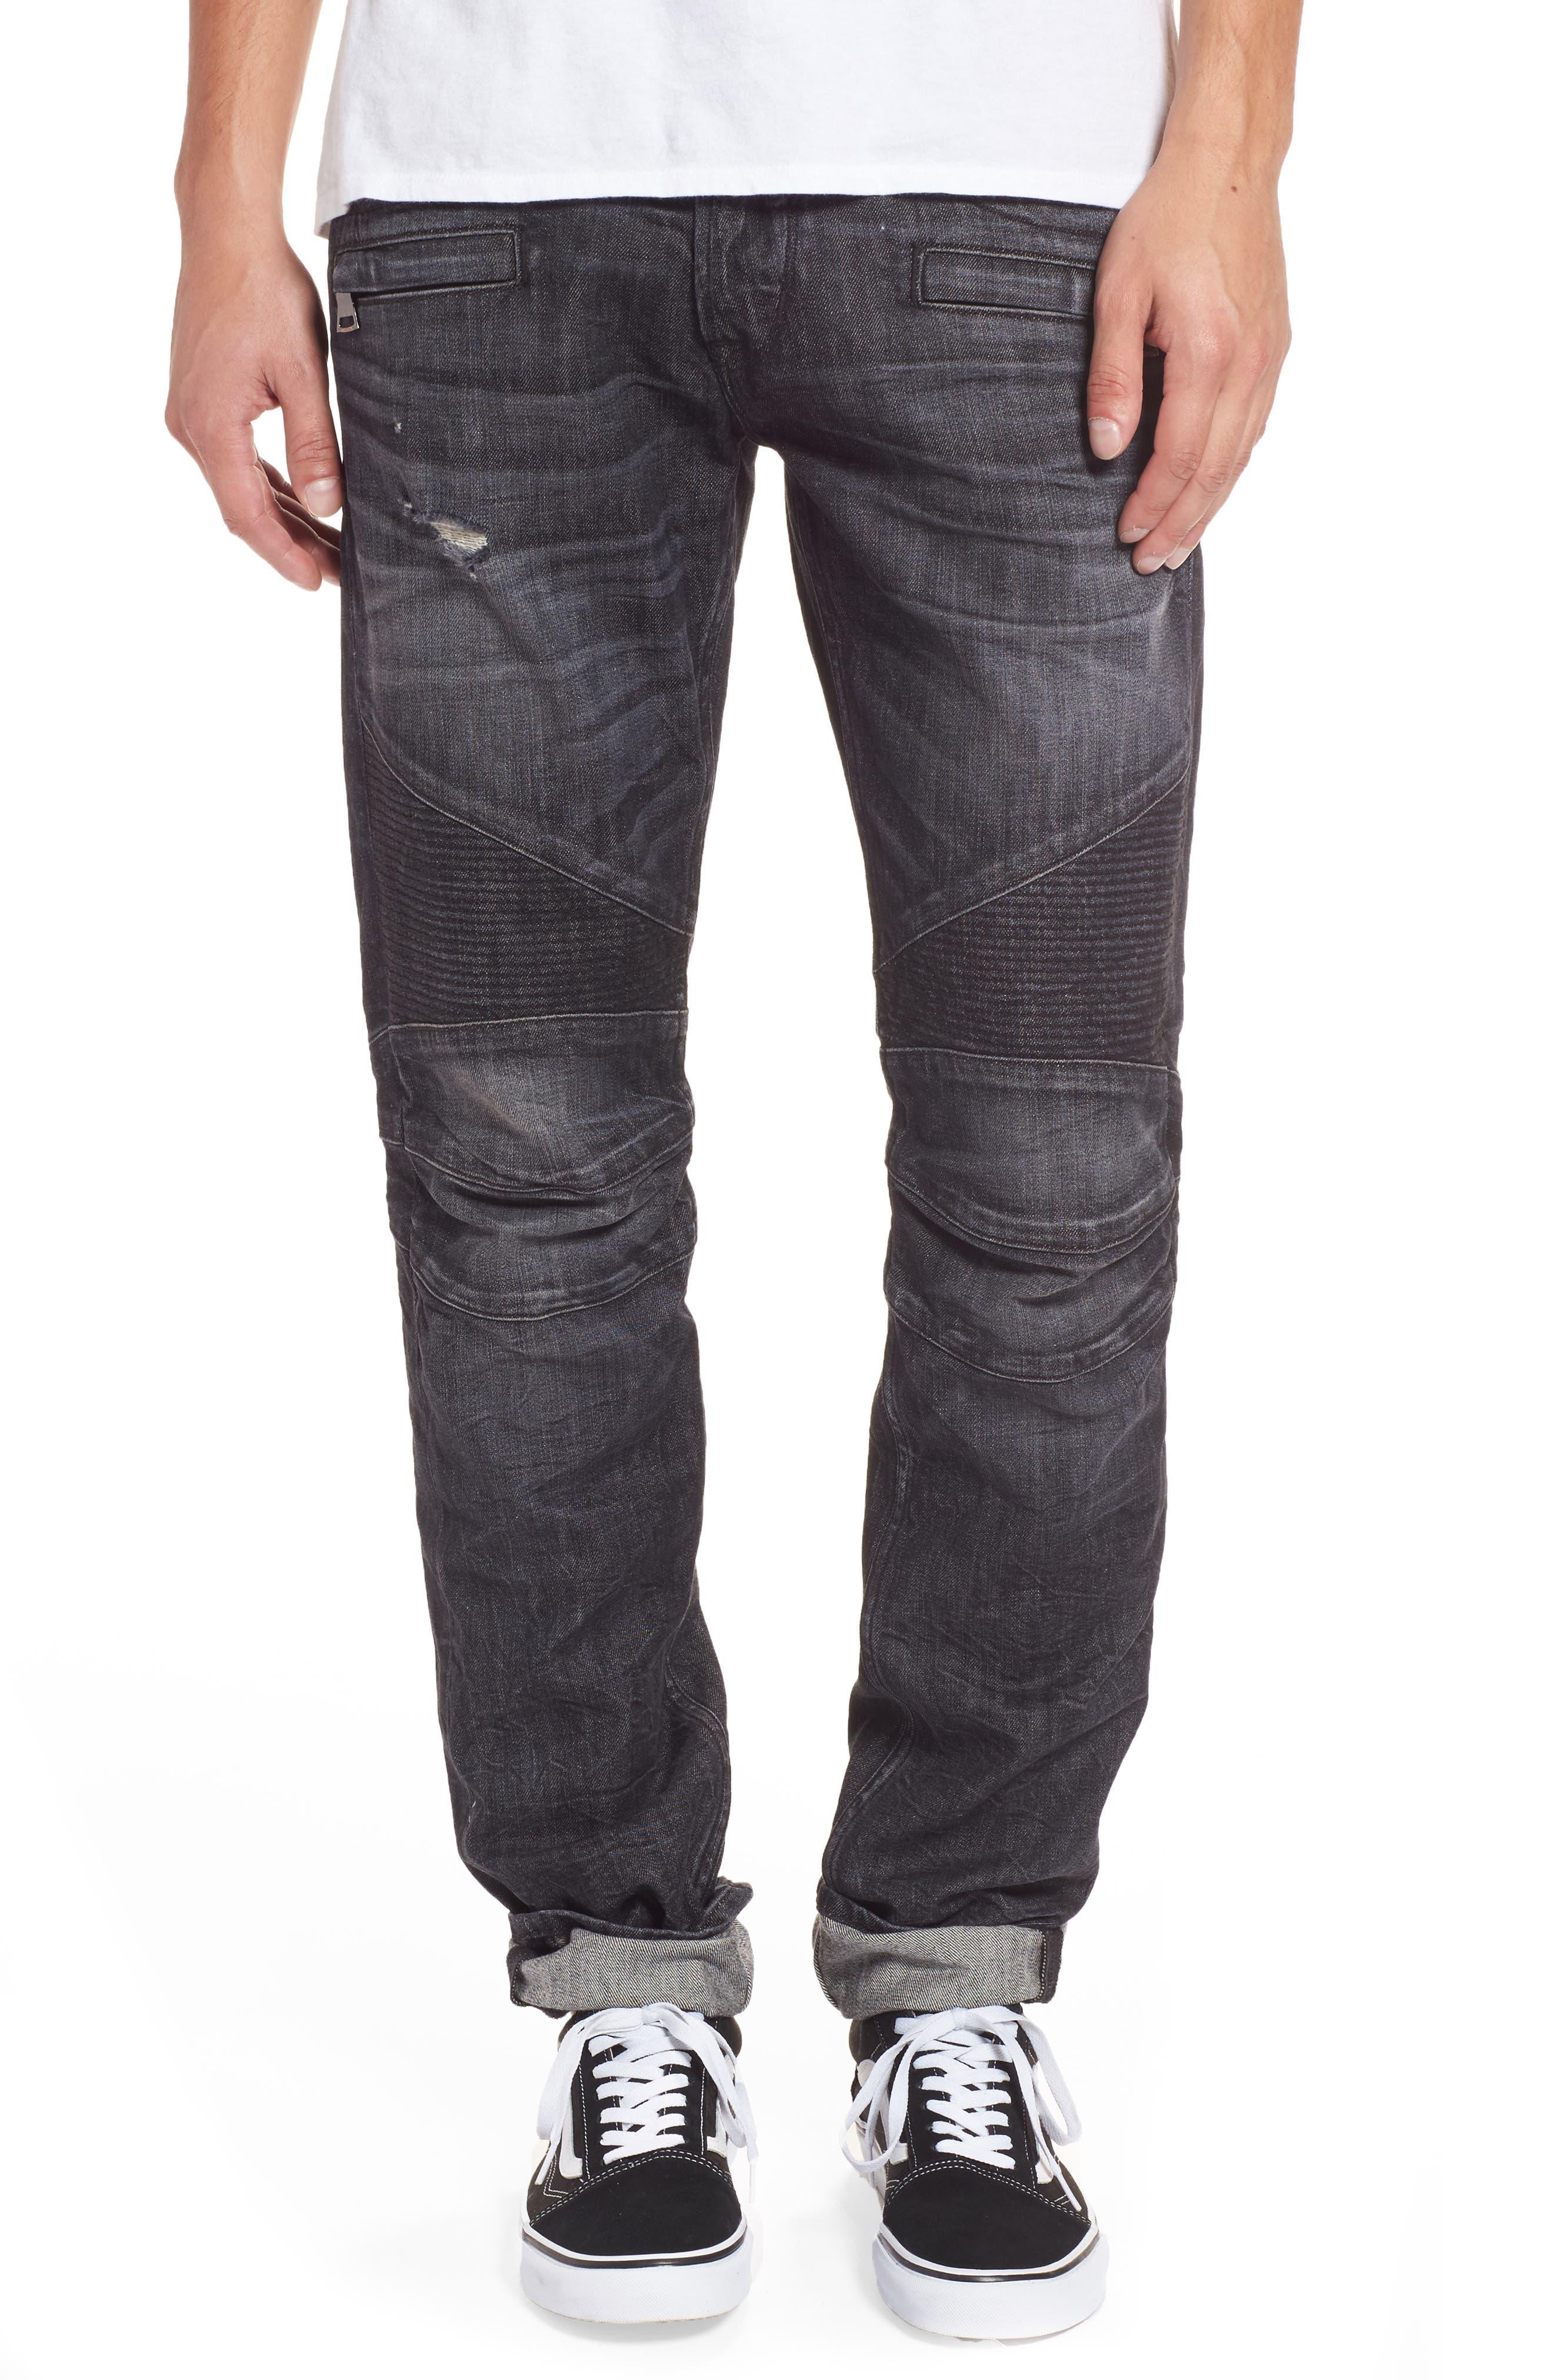 Hudson Jeans Blinder Biker Moto Skinny Fit Jeans (Damage)